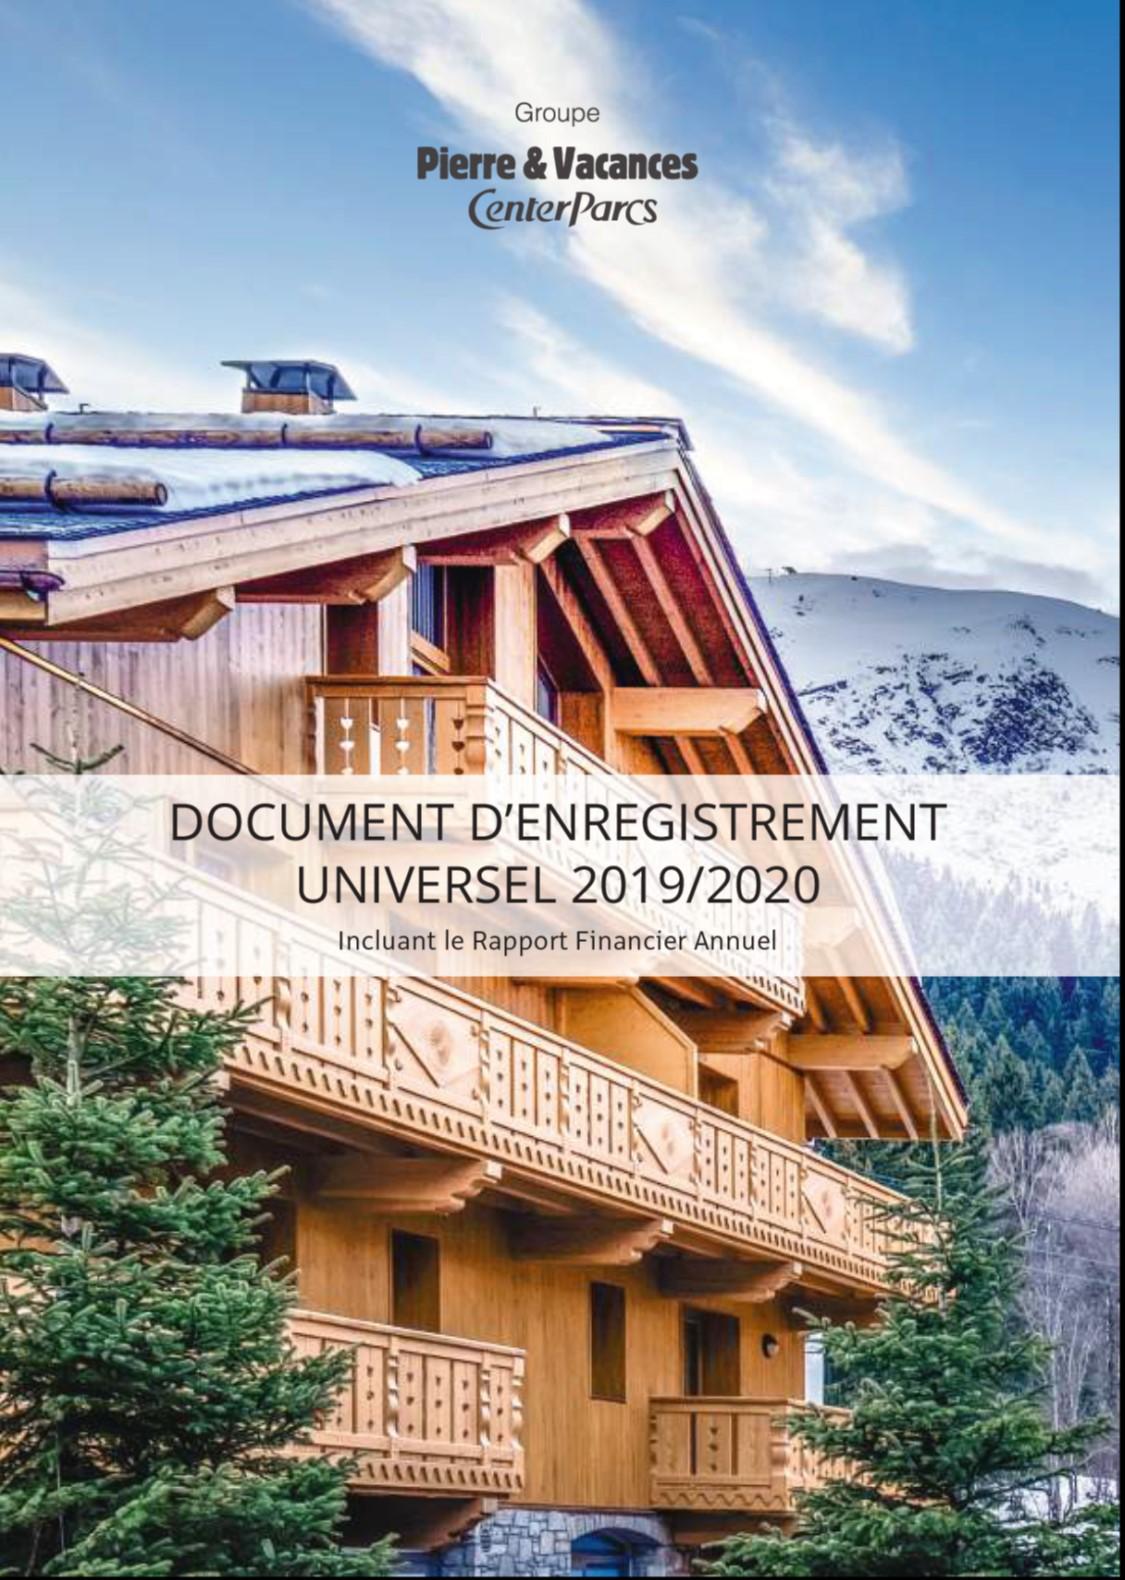 Document d'enregistrement universel 2019-2020